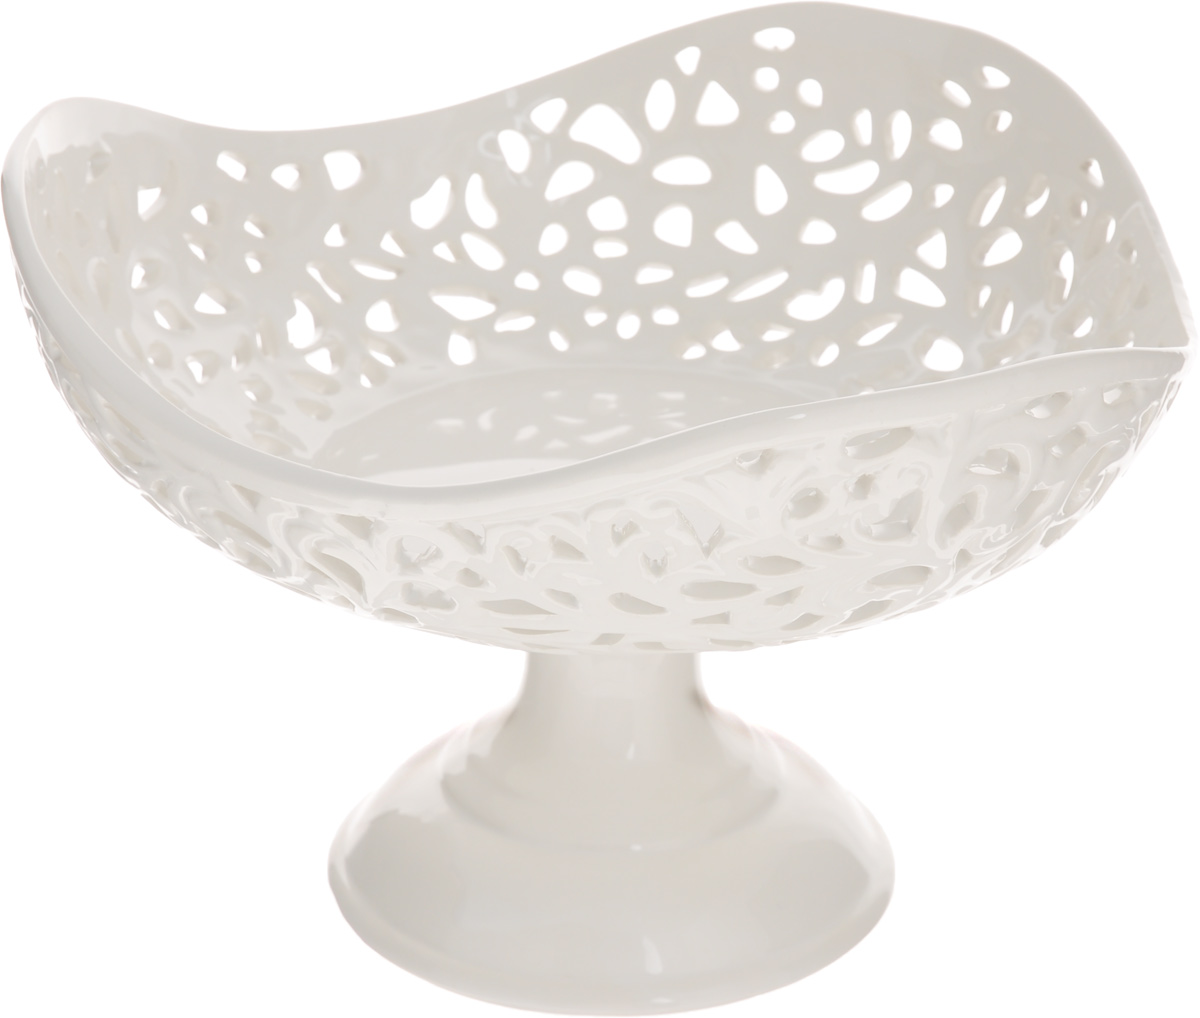 Конфетница Mayer & Boch Ажур, 23 х 23 х 15,5 см115010Конфетница Mayer & Boch Ажур, изготовленная из высококачественного доломита, украшена оригинальным ажурным узором. Стильная форма и интересное исполнение идеально впишутся в любой стиль, а универсальный белый цвет подойдет к любой мебели.Такая конфетница принесет новизну в вашу кухню и приятно порадует глаз.